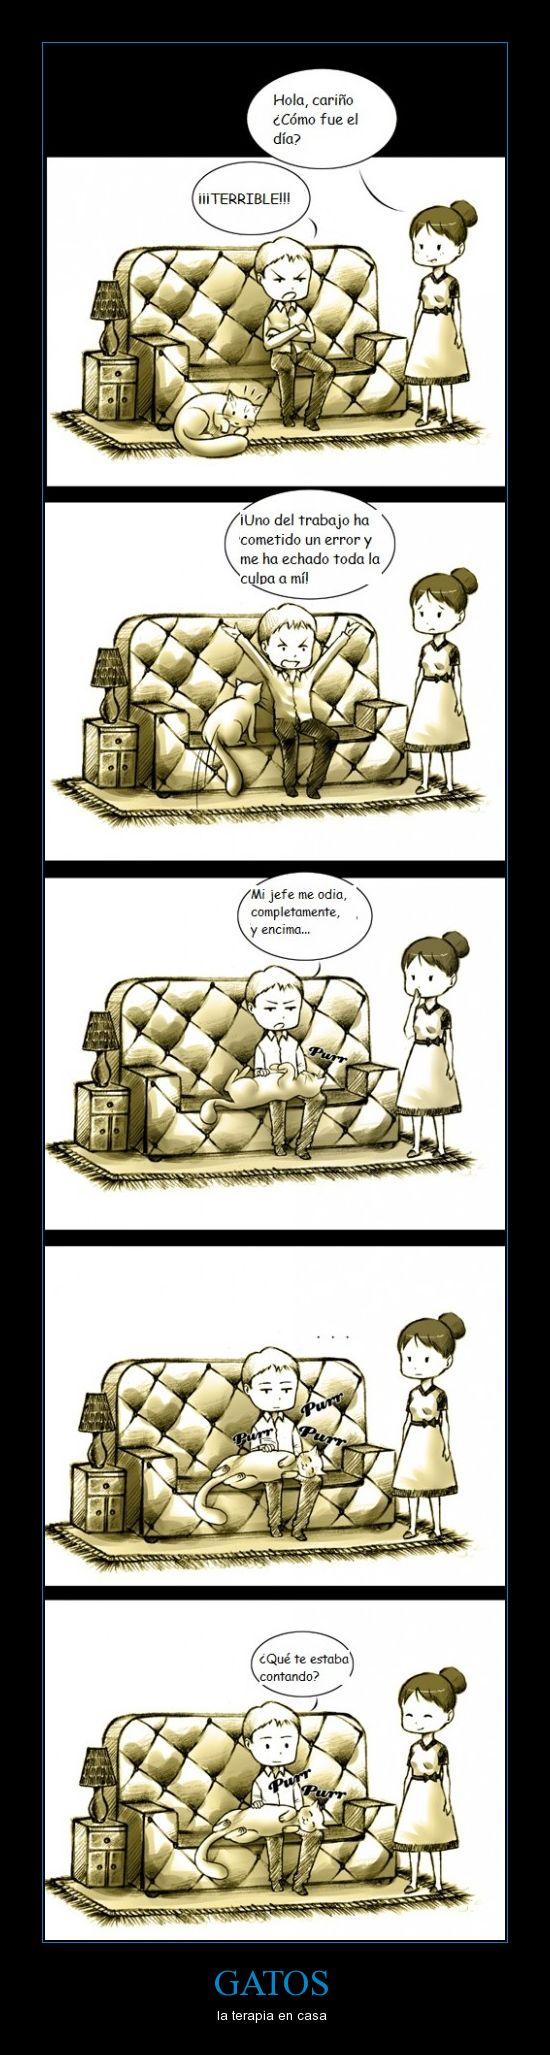 GATOS - la terapia en casa